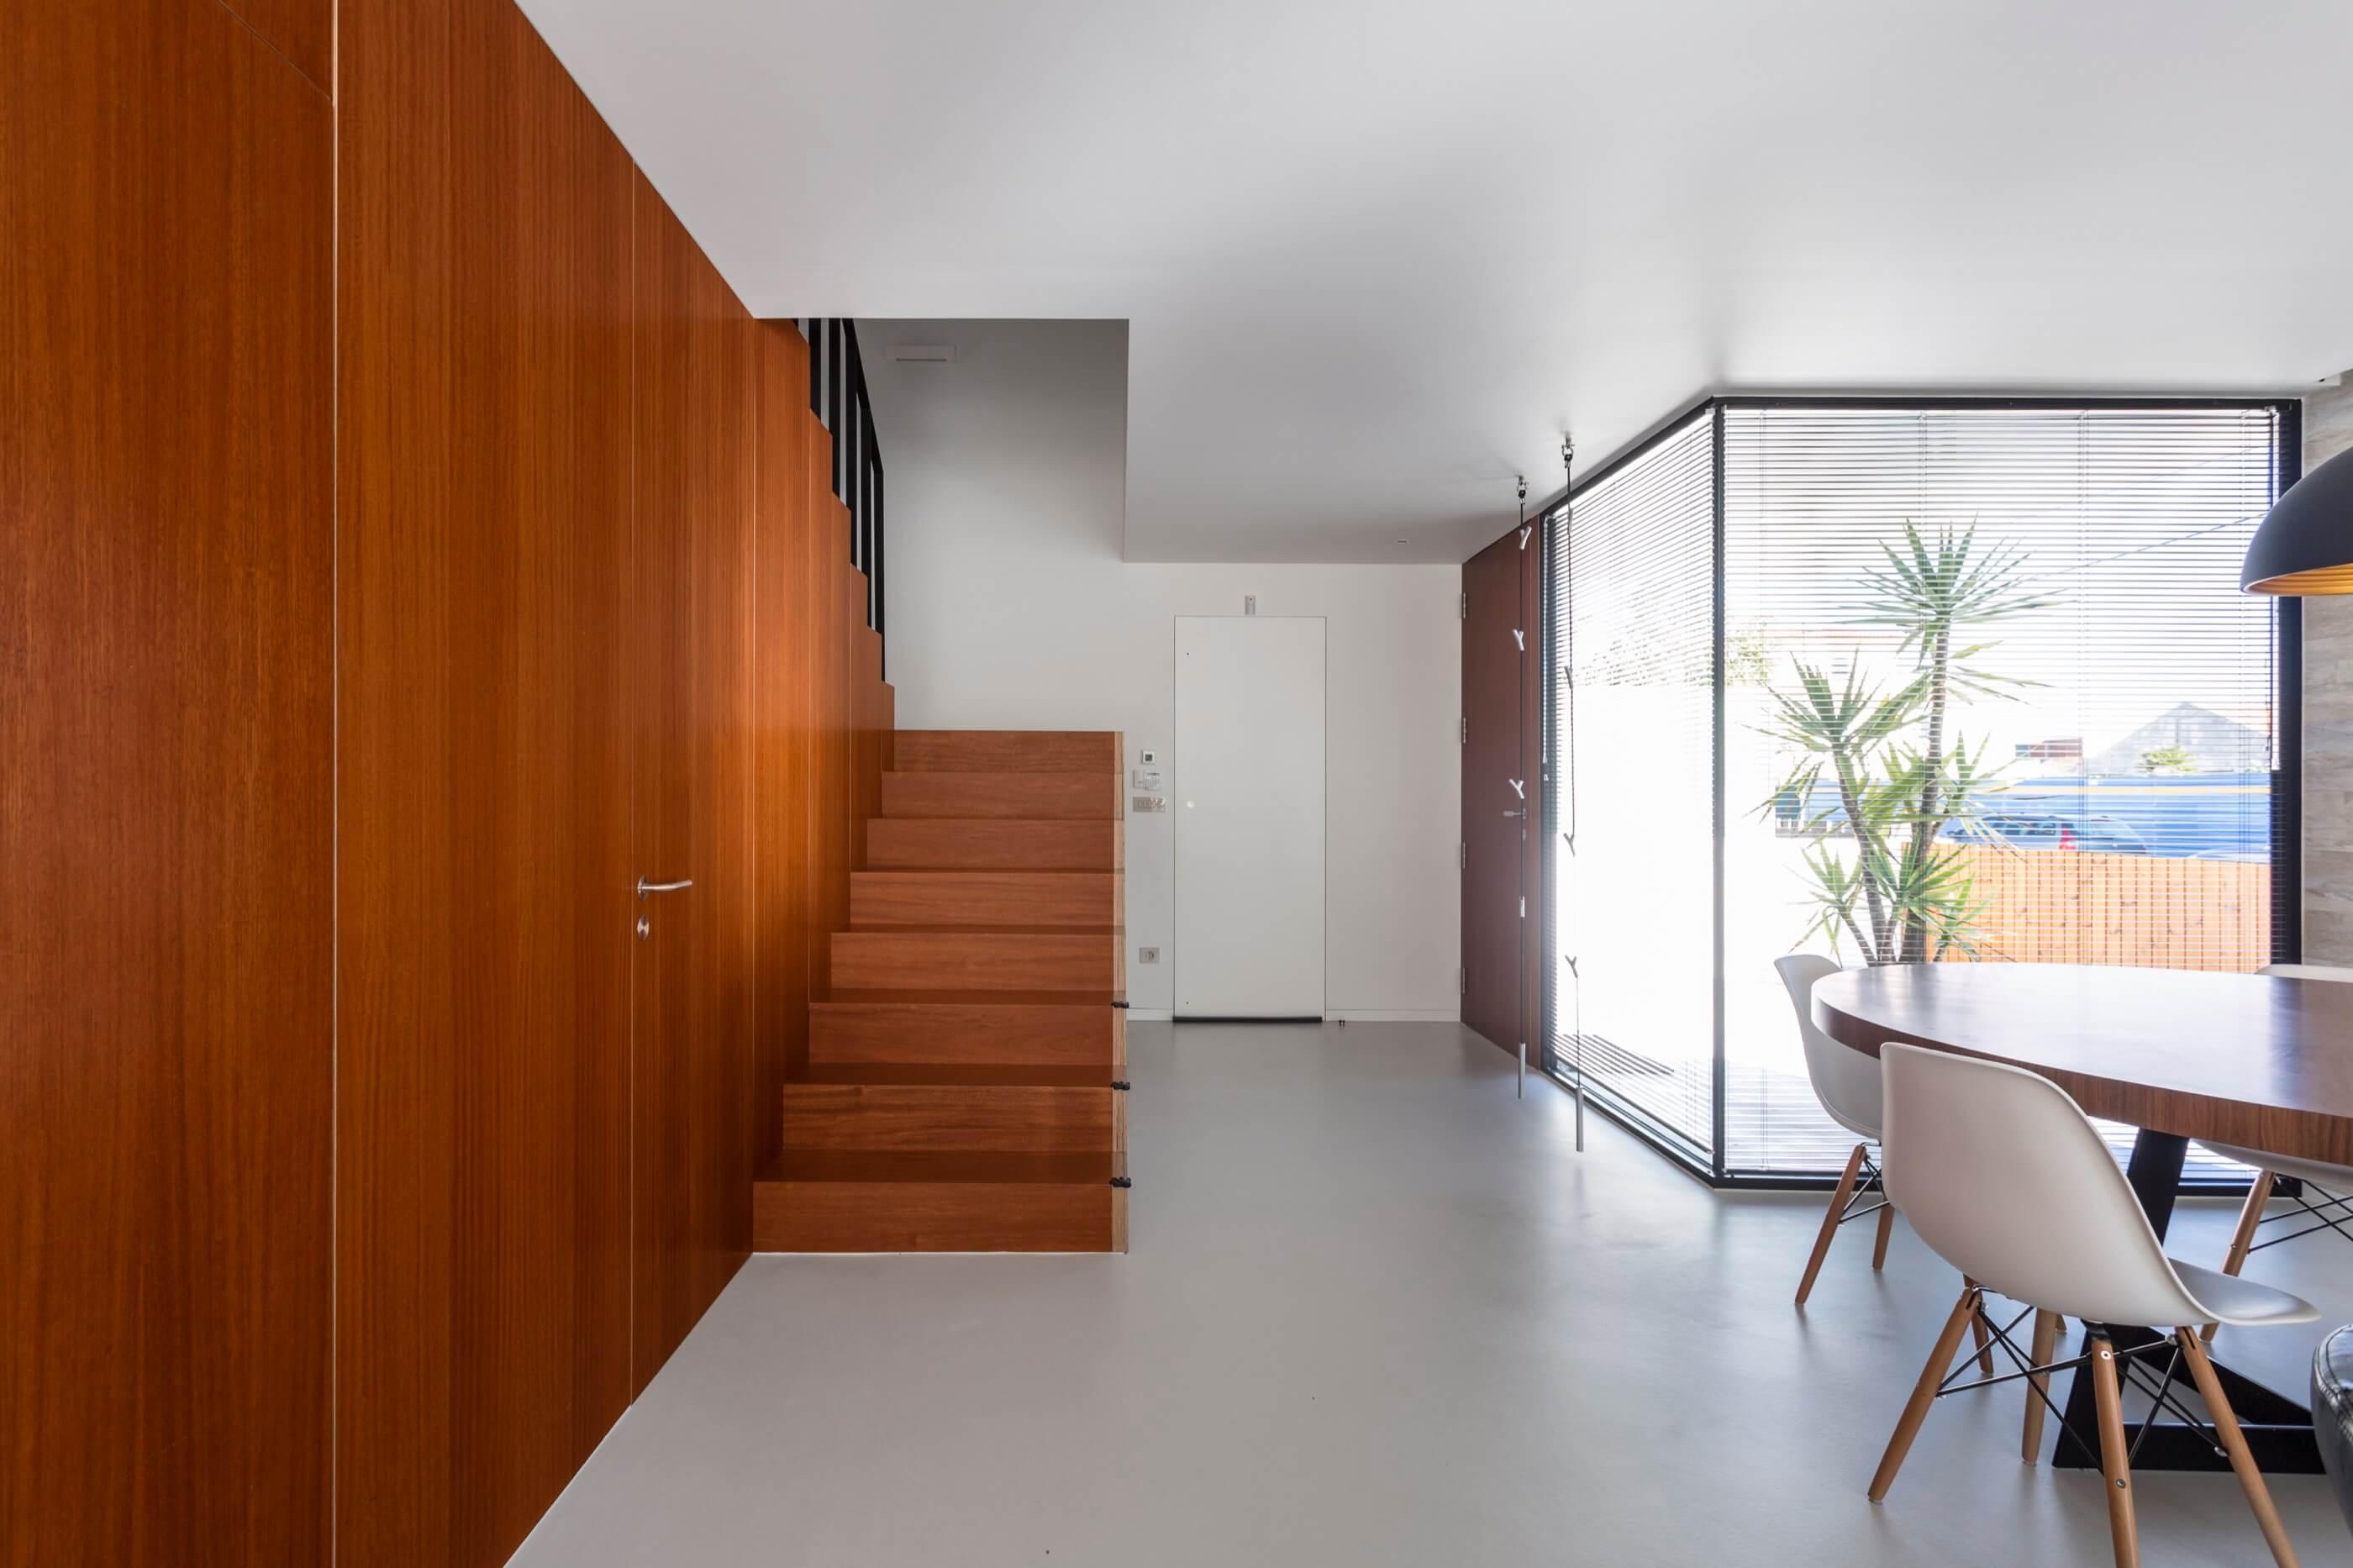 Arquitecto Lousinha Casa Fontes 8 do fotografo Ivo Tavares Studio